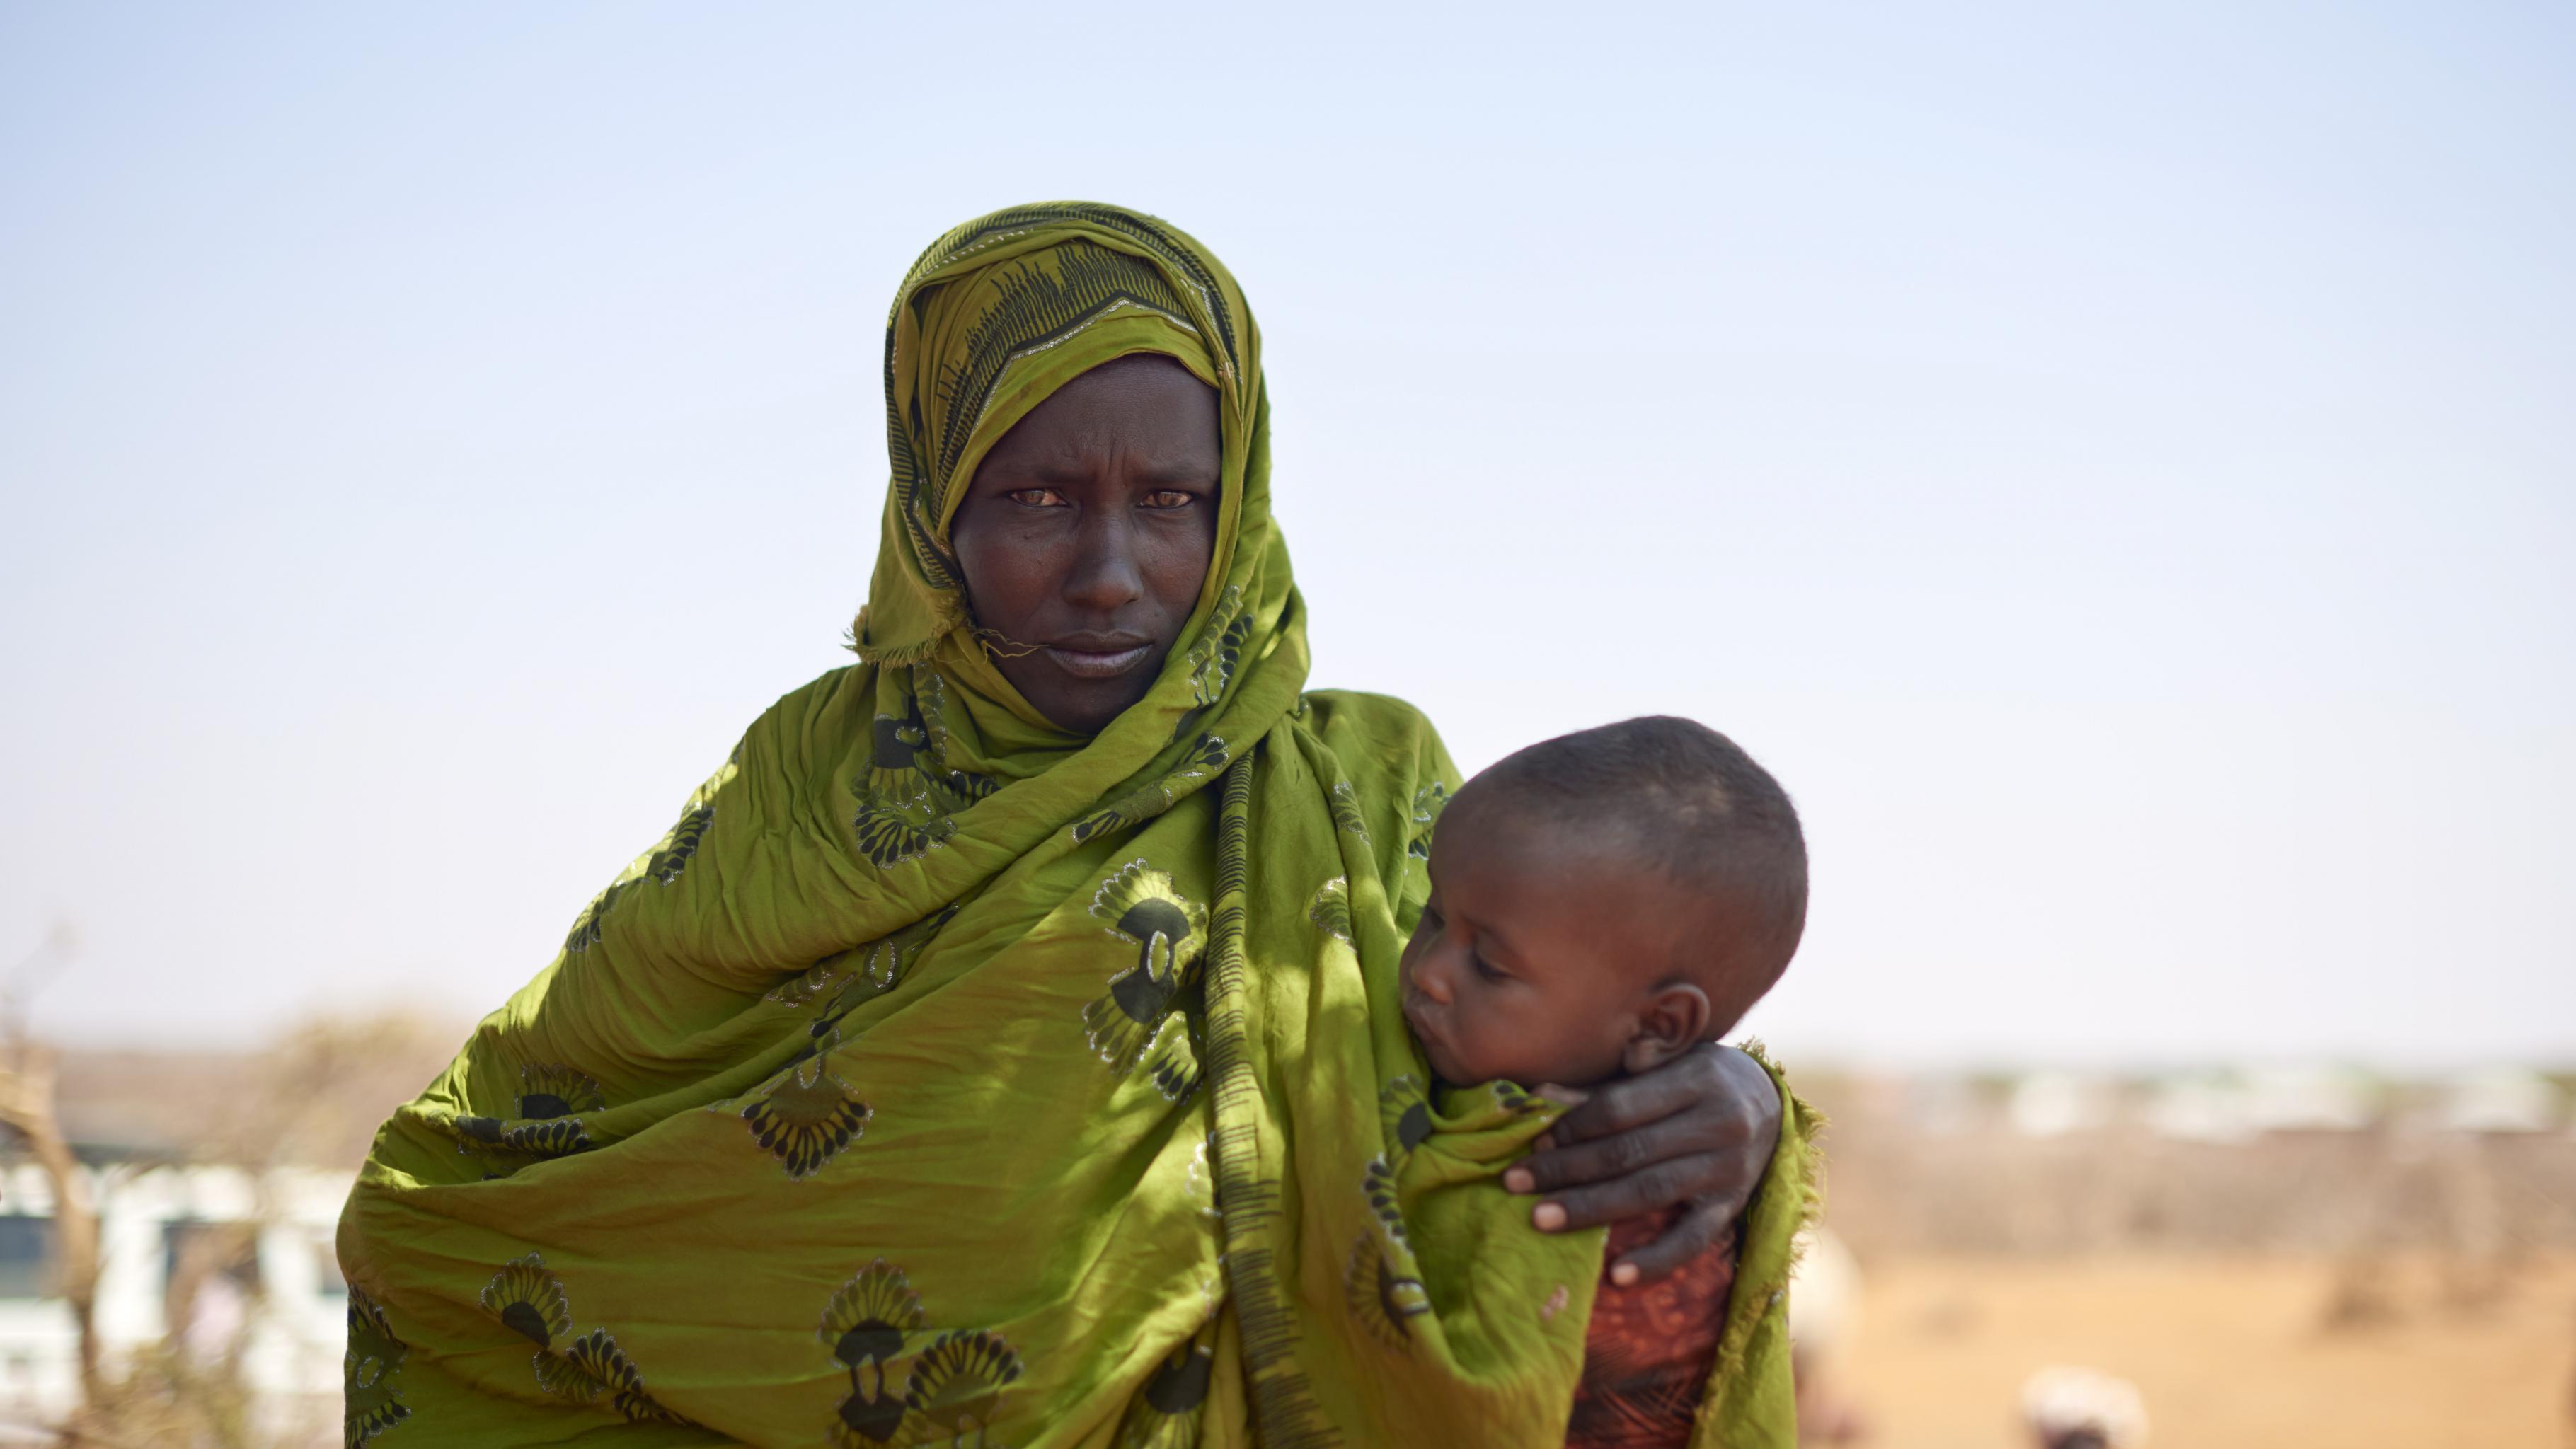 Hungerkrise in Ostafrika: Aufgrund der Dürre benötigt Maryama Nahrung und Wasser für ihr Kind